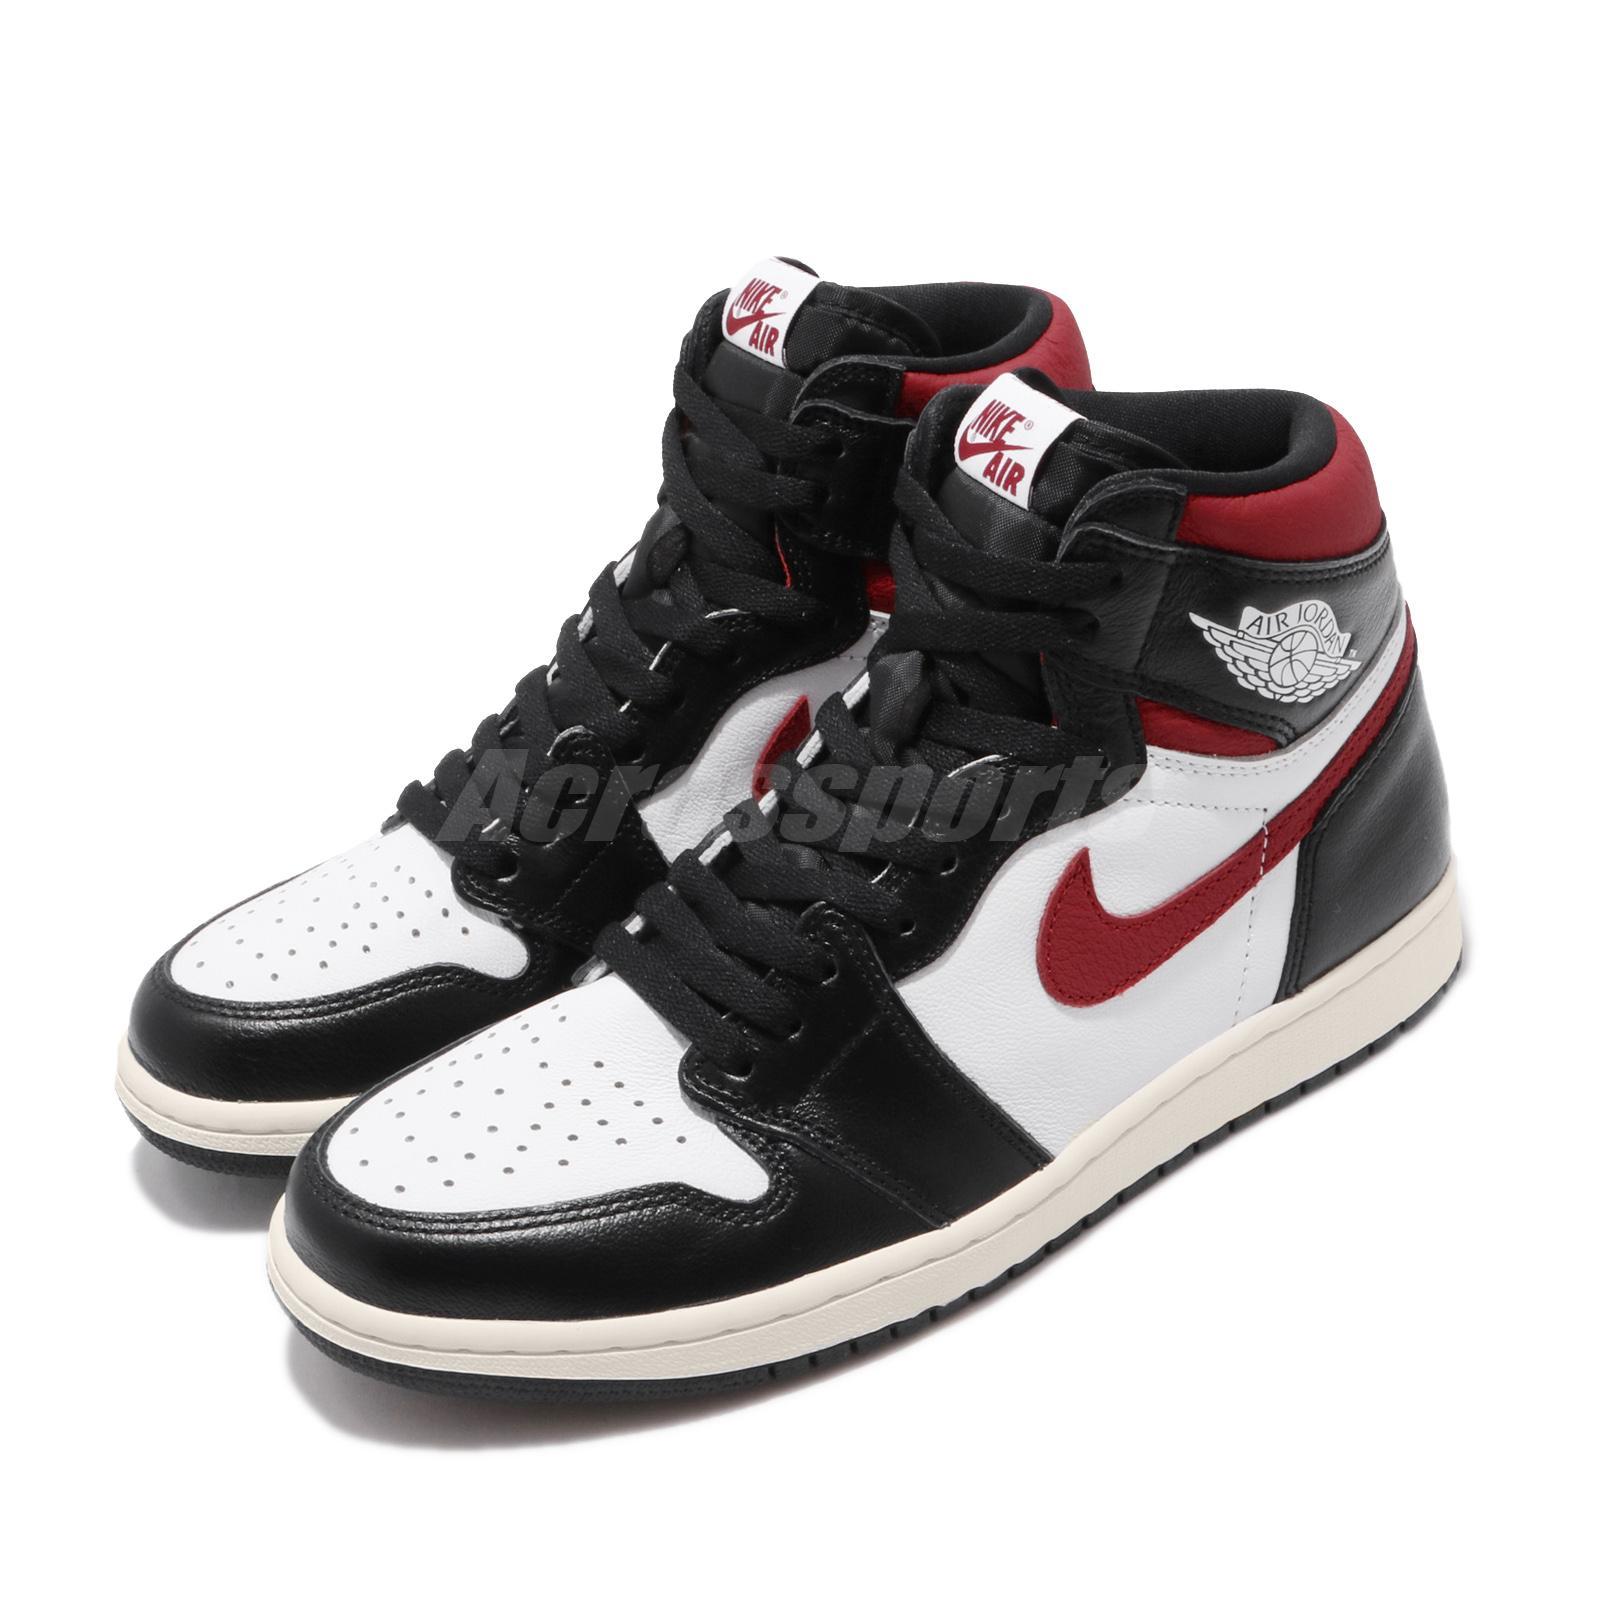 Nike Air Jordan 1 Retro High OG (Black White Black)